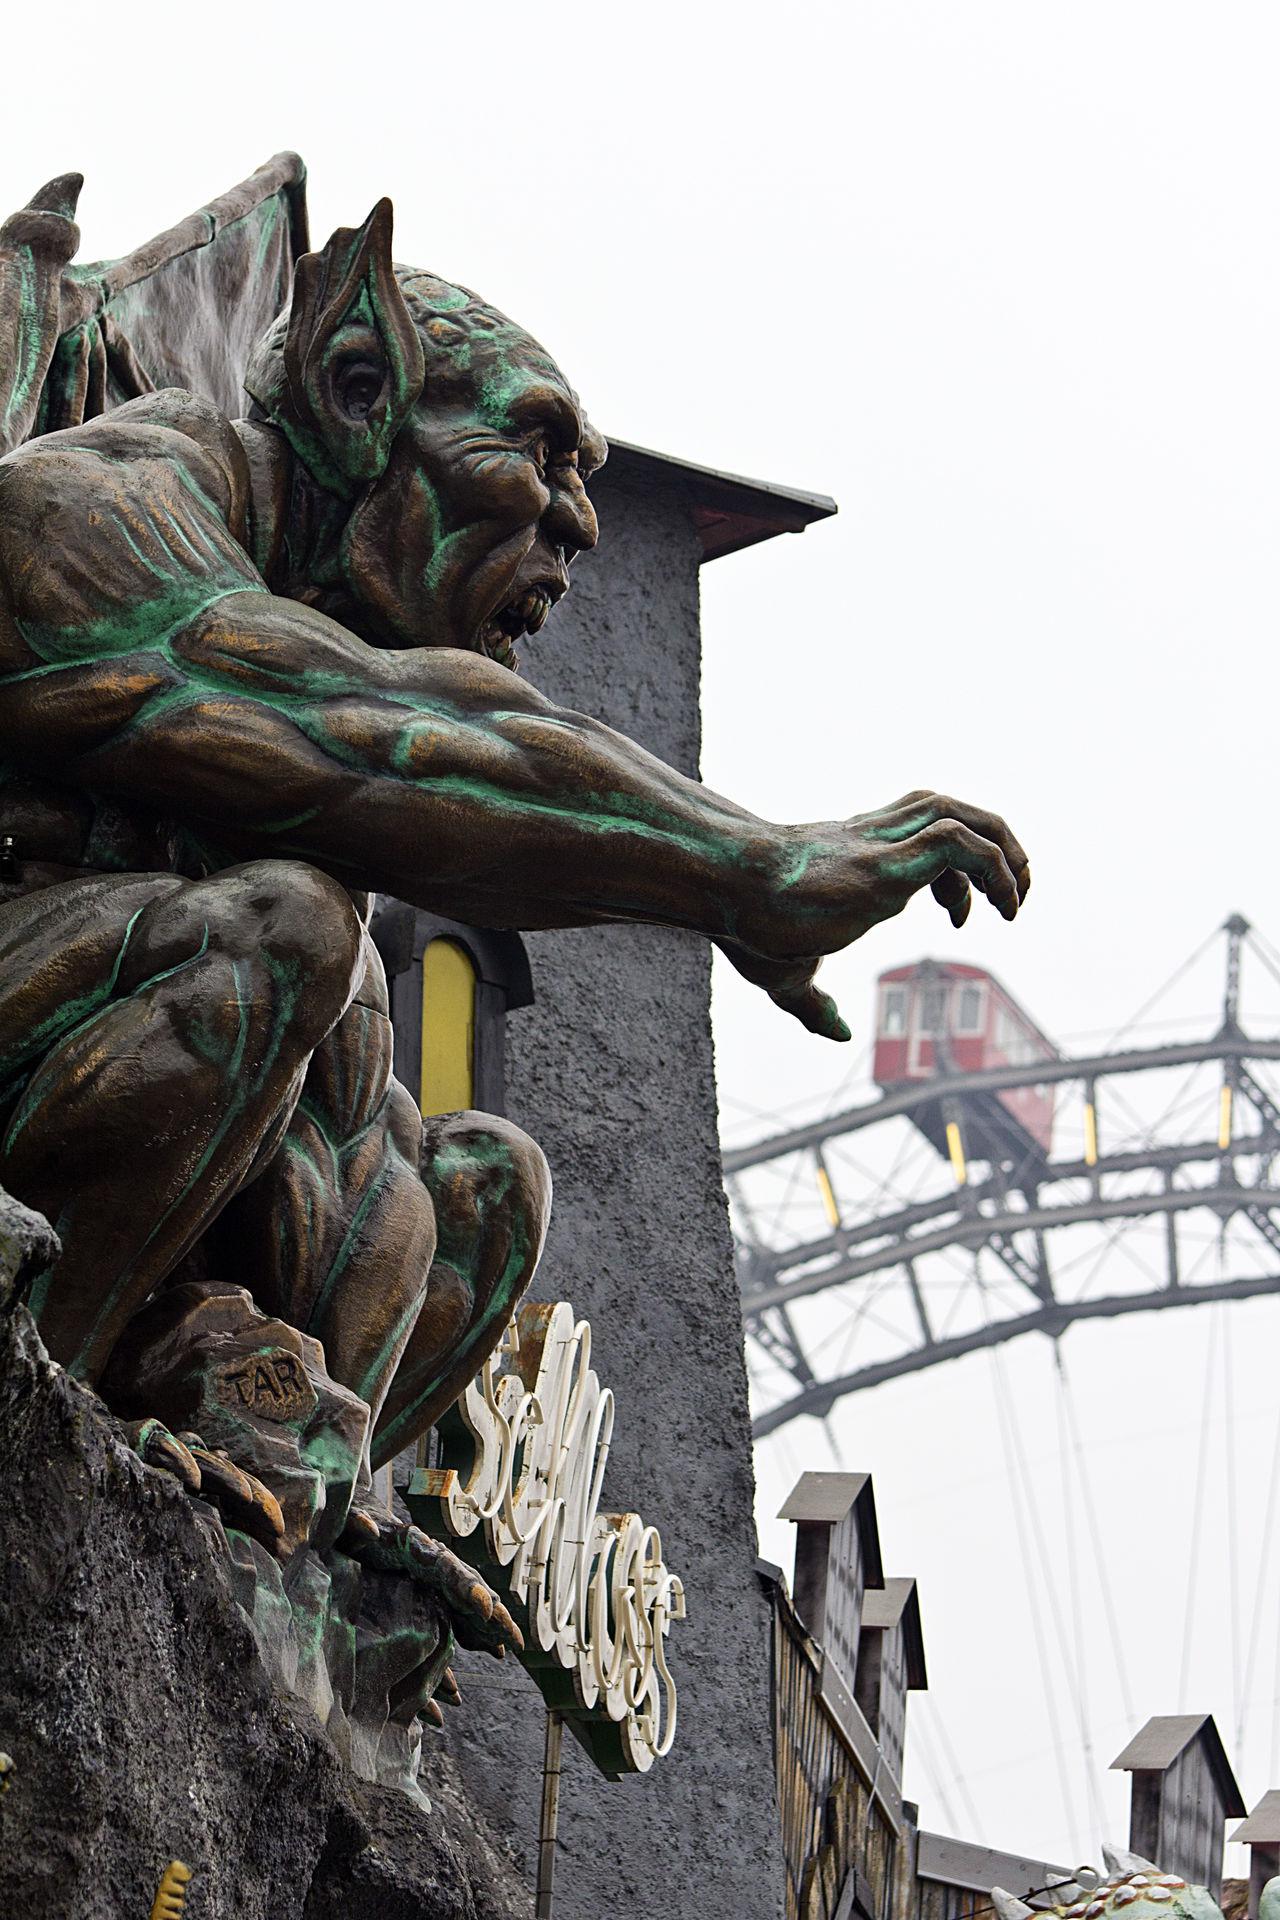 Das Monster greift sich einen Zirkuswaggon im Prater/Wien. Amusement Parks Ausflugsziel Bestoftheday Brutal EyeEm Best Shots Geisterbahn Ghost Train Horror Monster Prater Prater/Vienna Praterstern Riesenrad Tourism Vergnügungspark Vienna Waggon Wien Hidden Gems